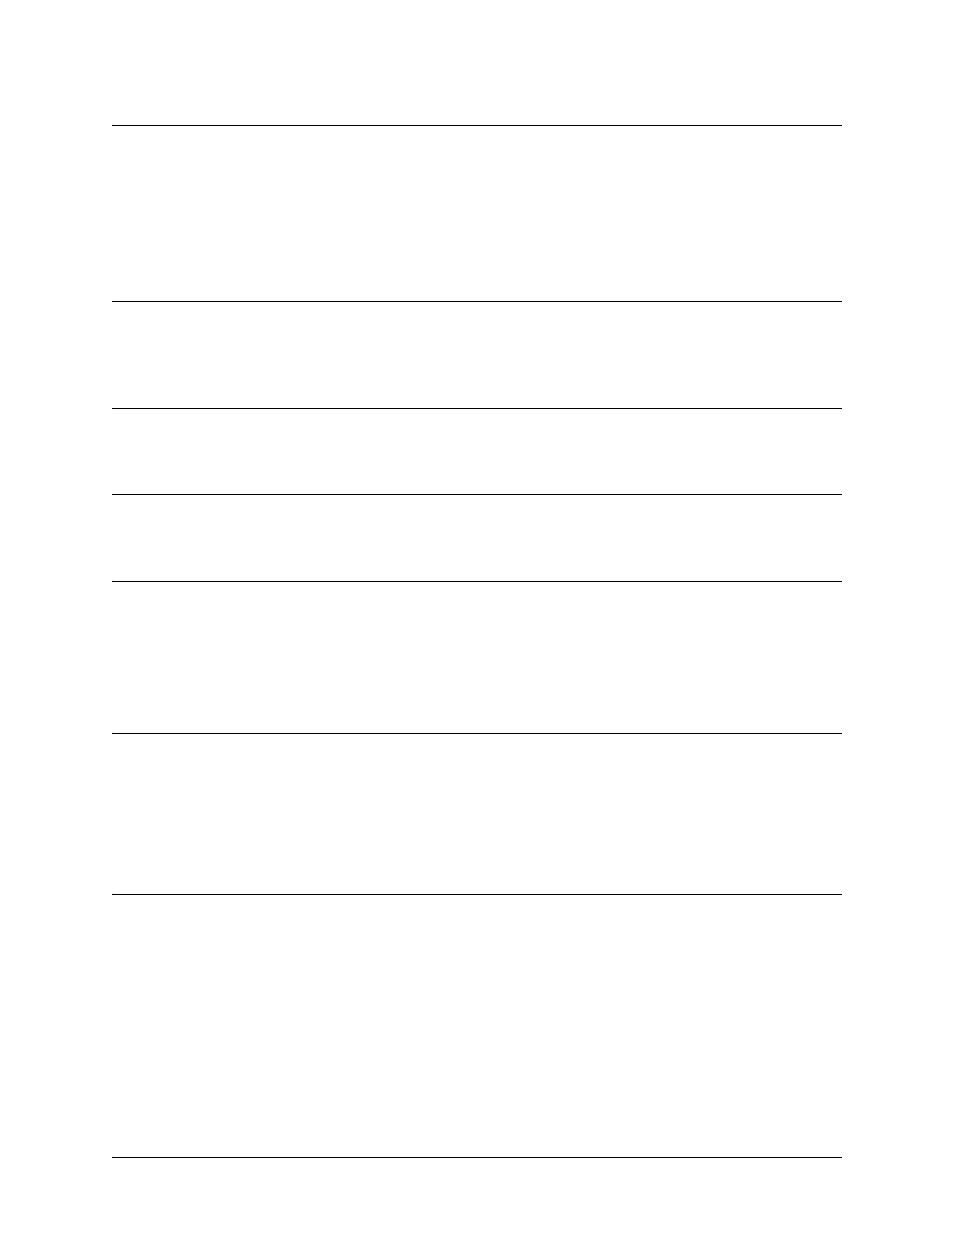 Adtran Configuration Guide